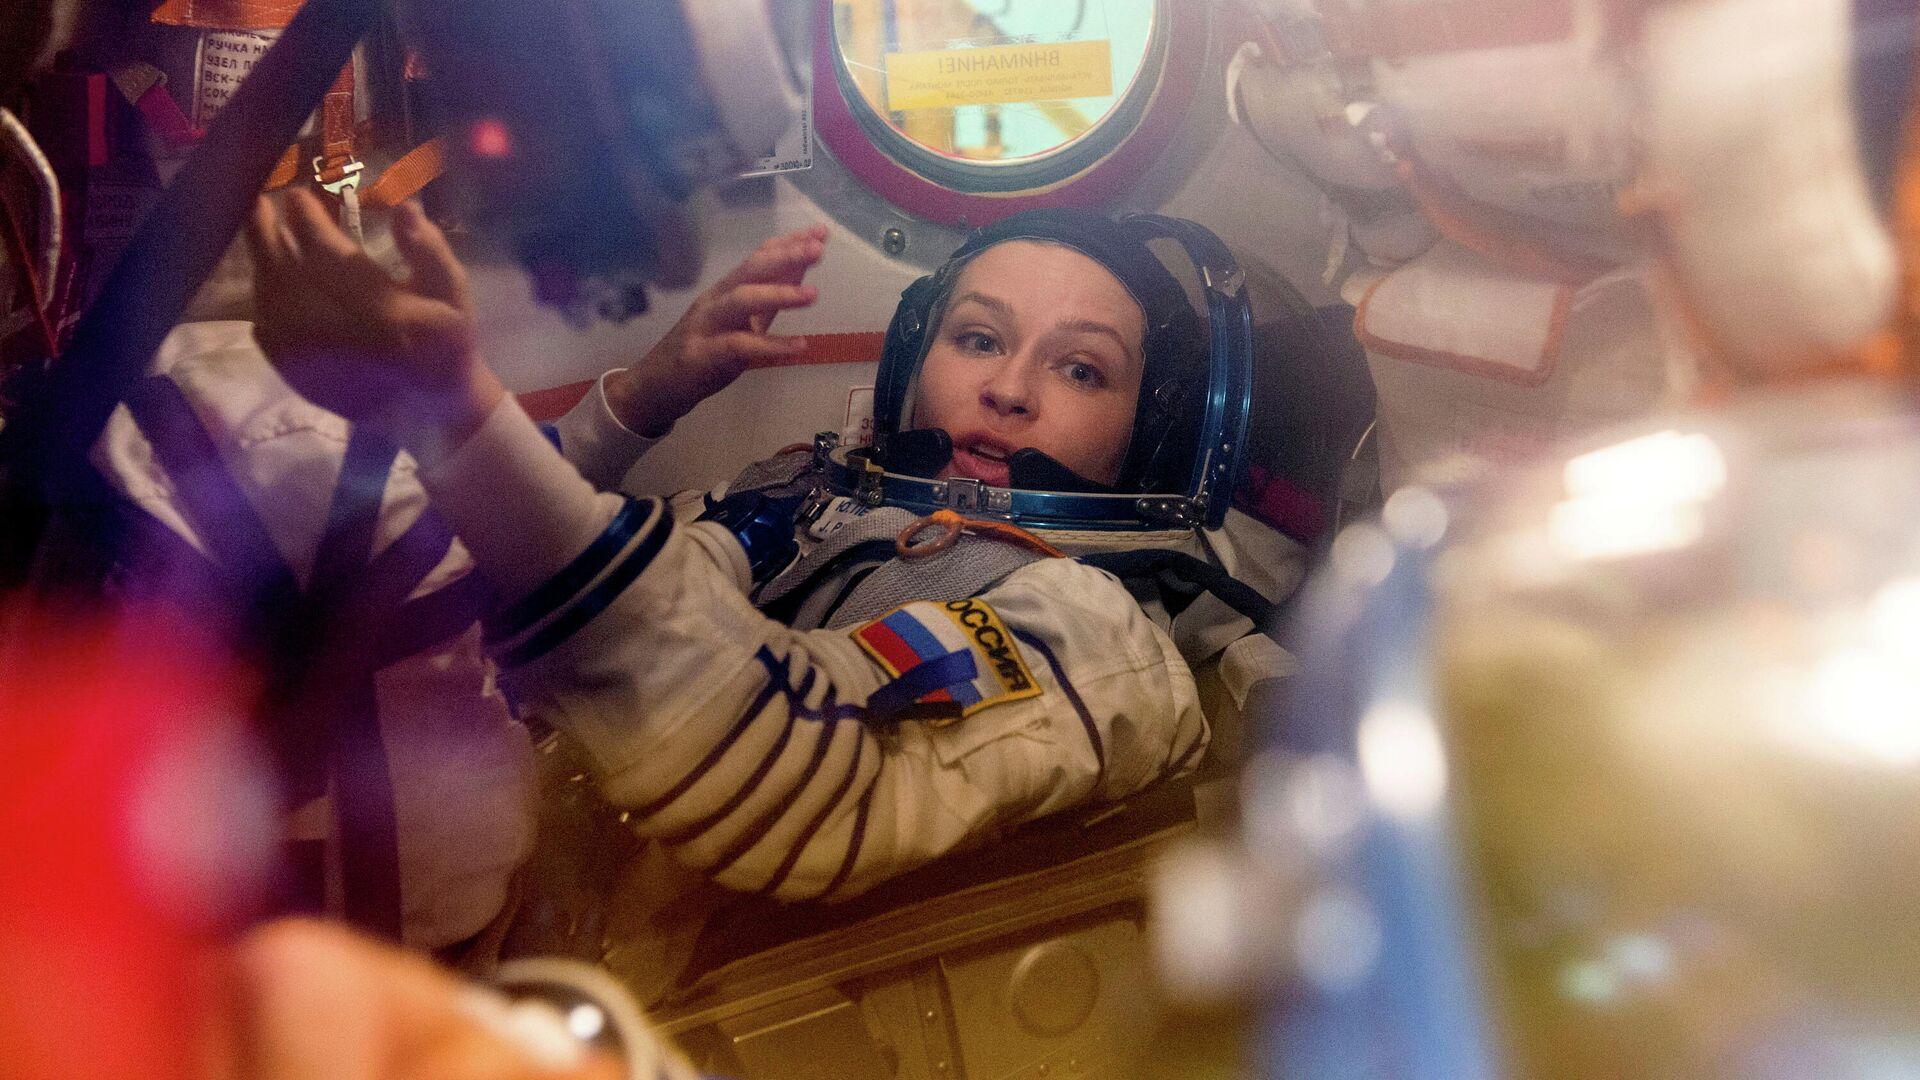 Член экипажа и актриса Юлия Пересильд во время тренировки перед экспедицией на МКС на космодроме Байконур, Казахстан - РИА Новости, 1920, 04.10.2021